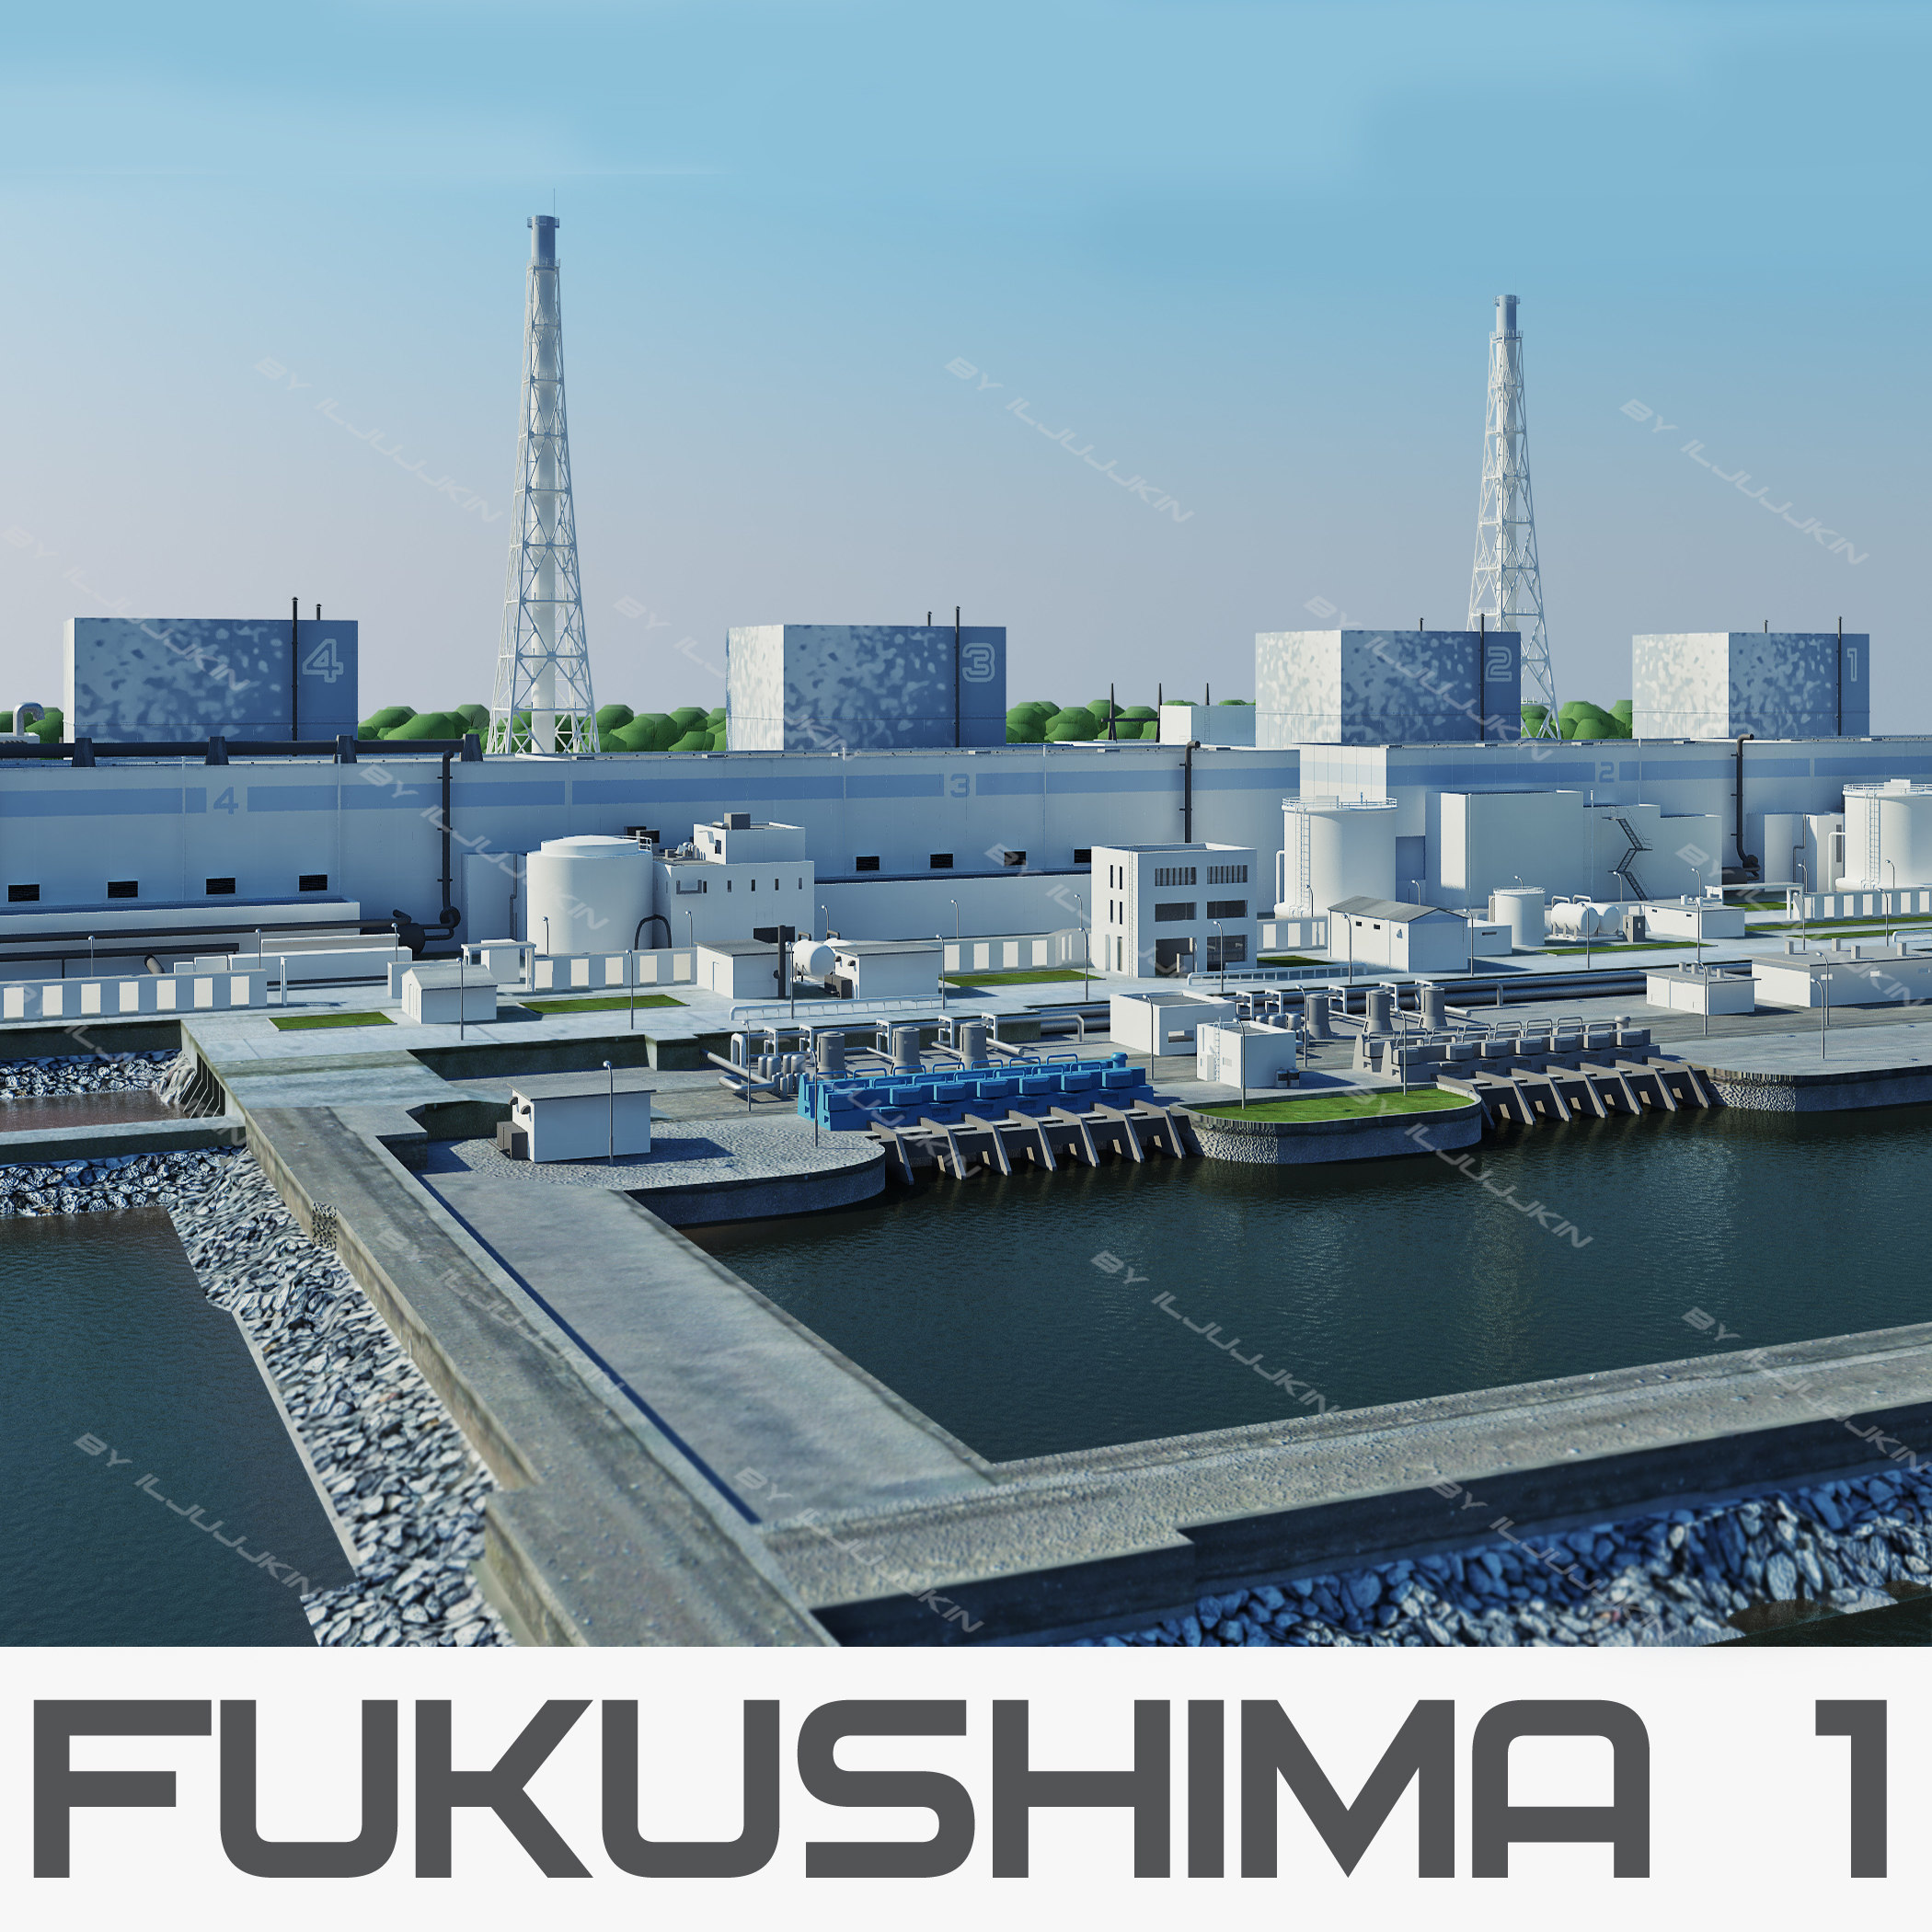 Fukushima_0.jpg